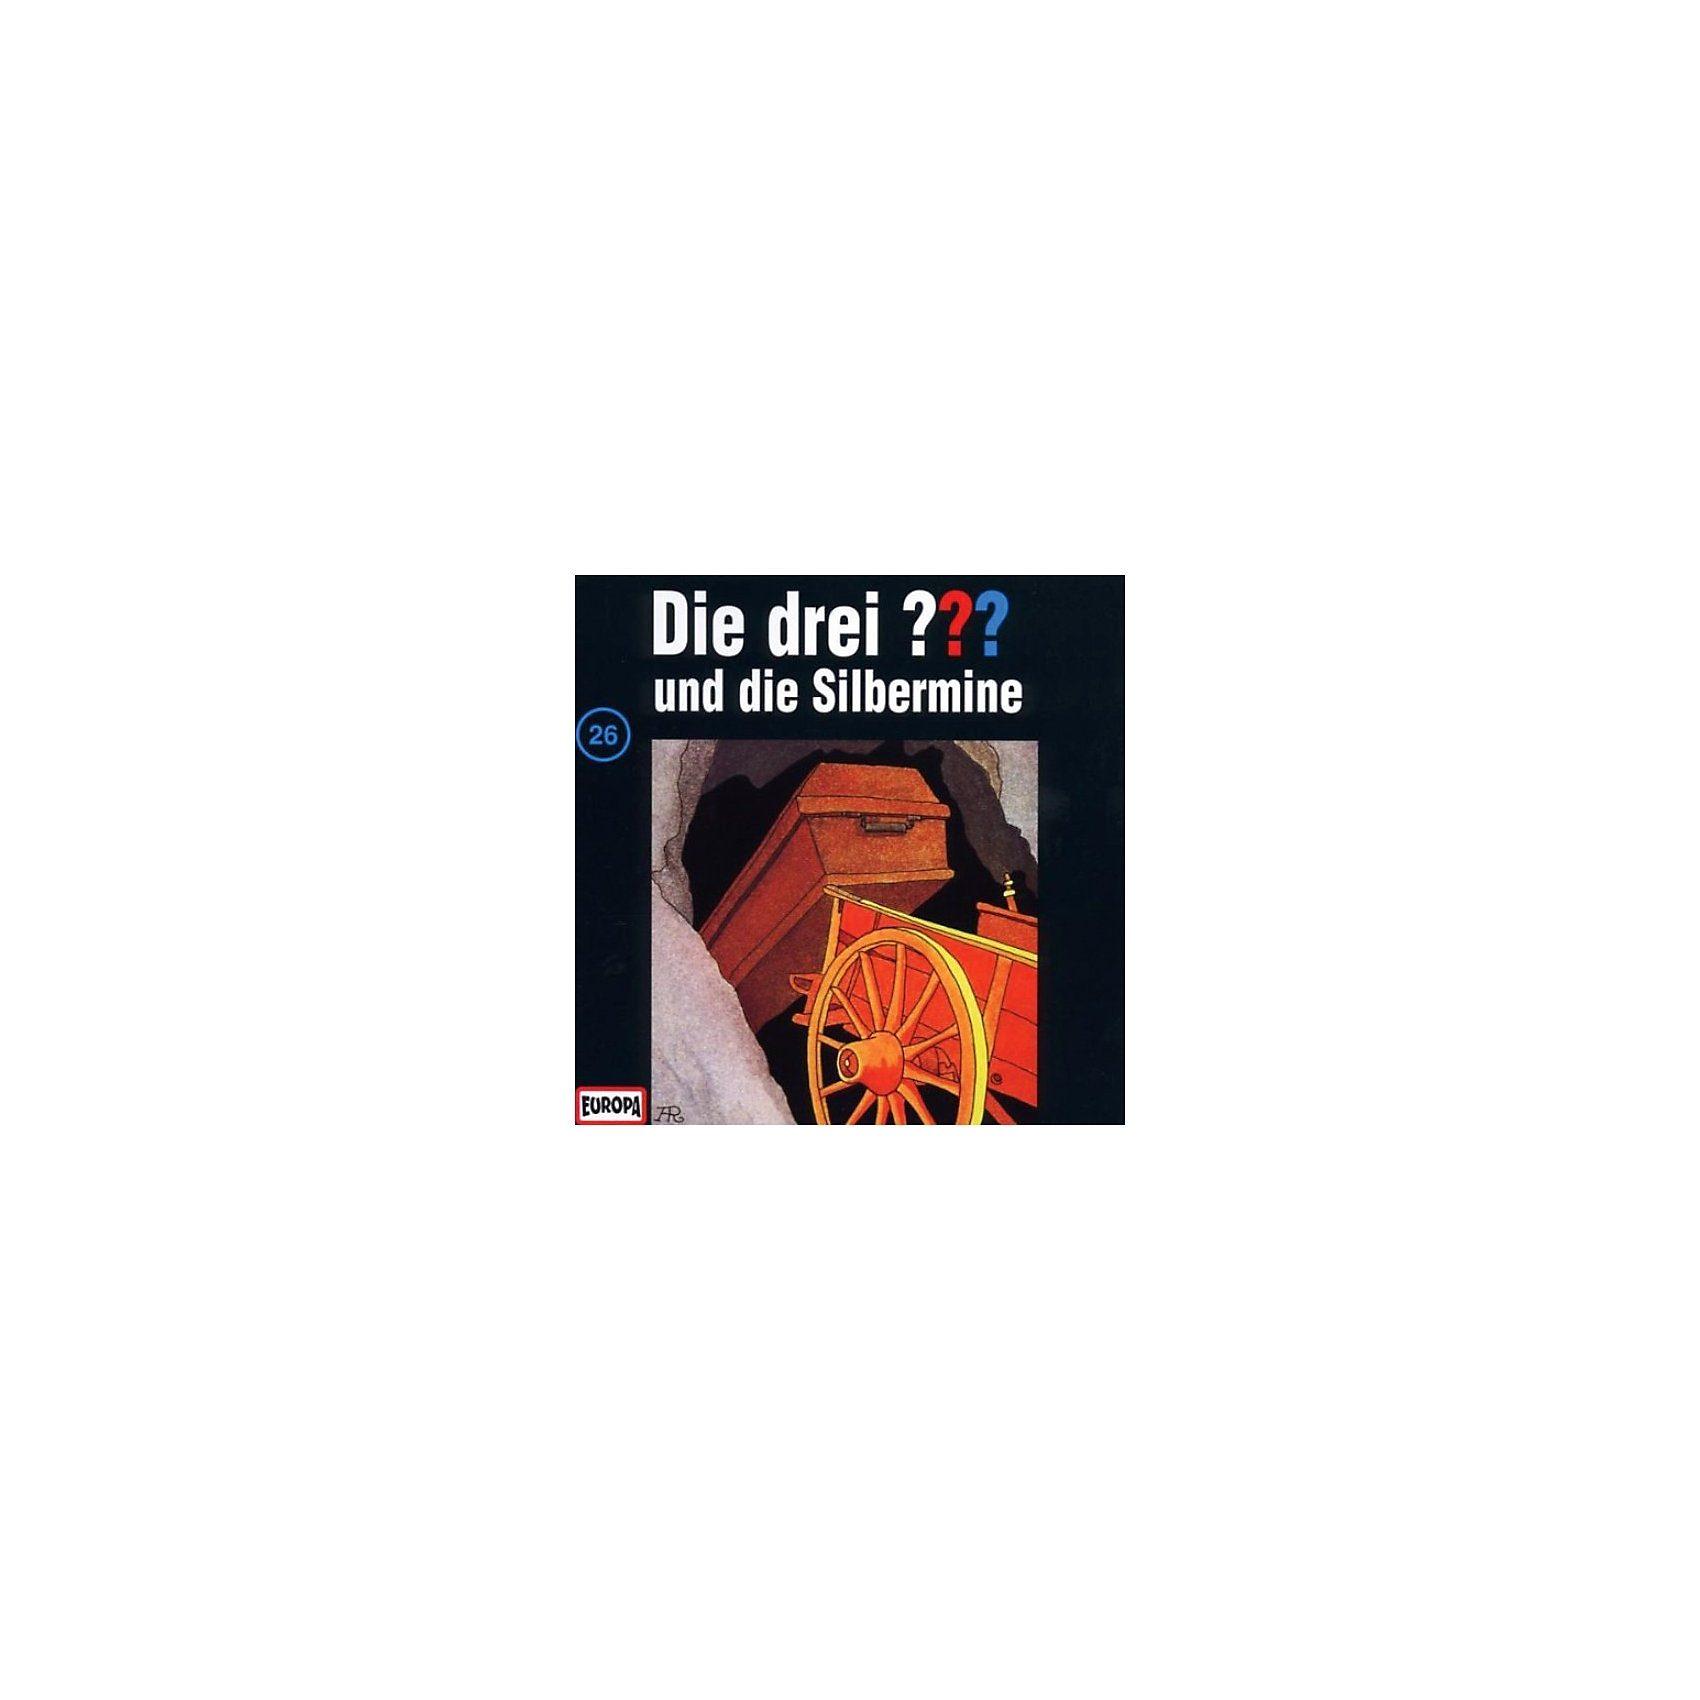 Sony CD Die Drei ??? 026/und die Silbermine